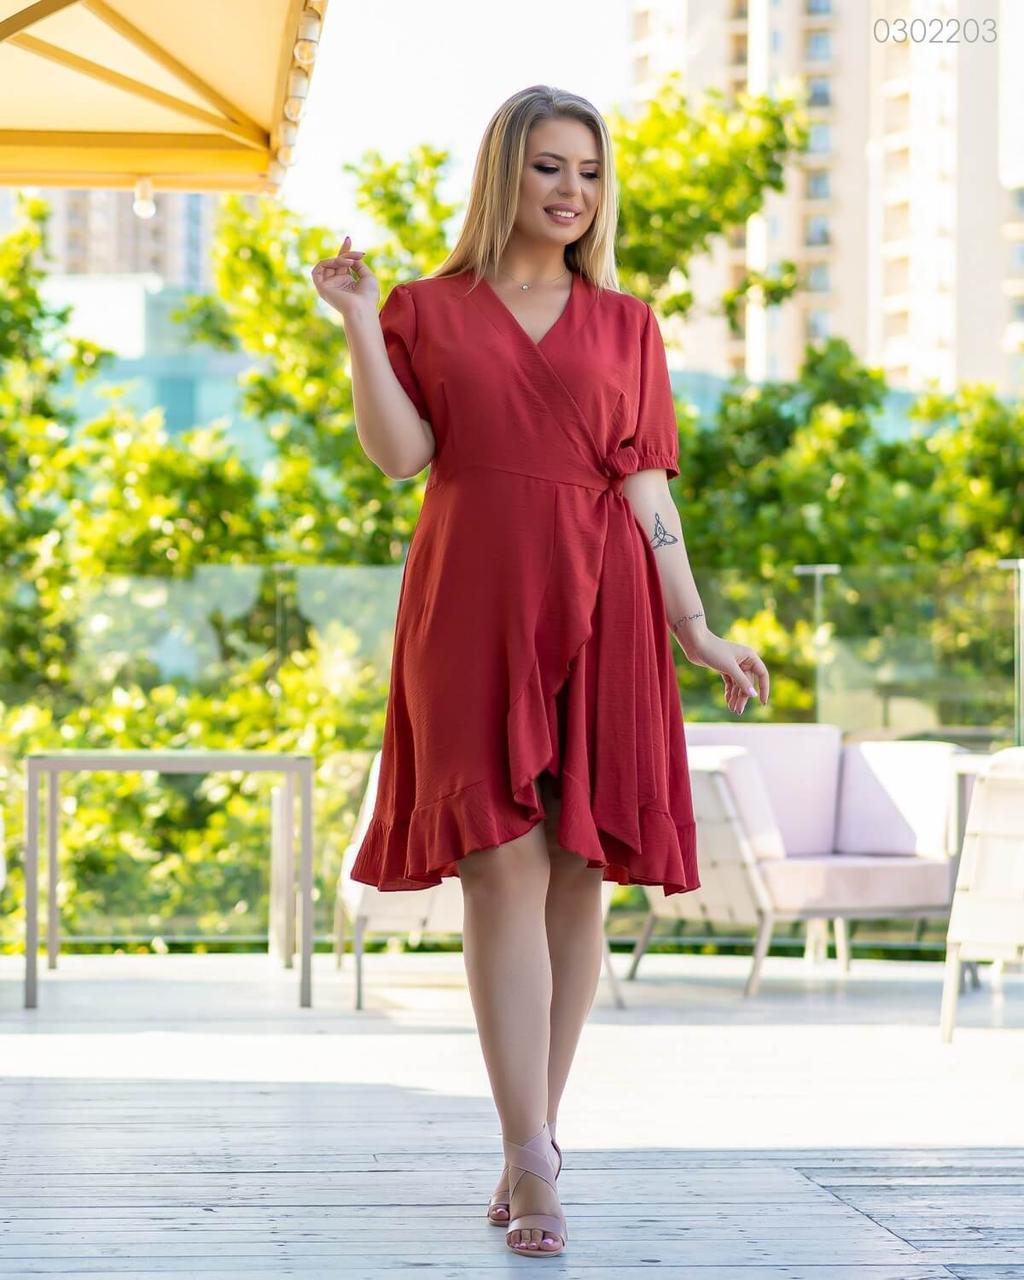 Платье Косумель (чили) 0302203